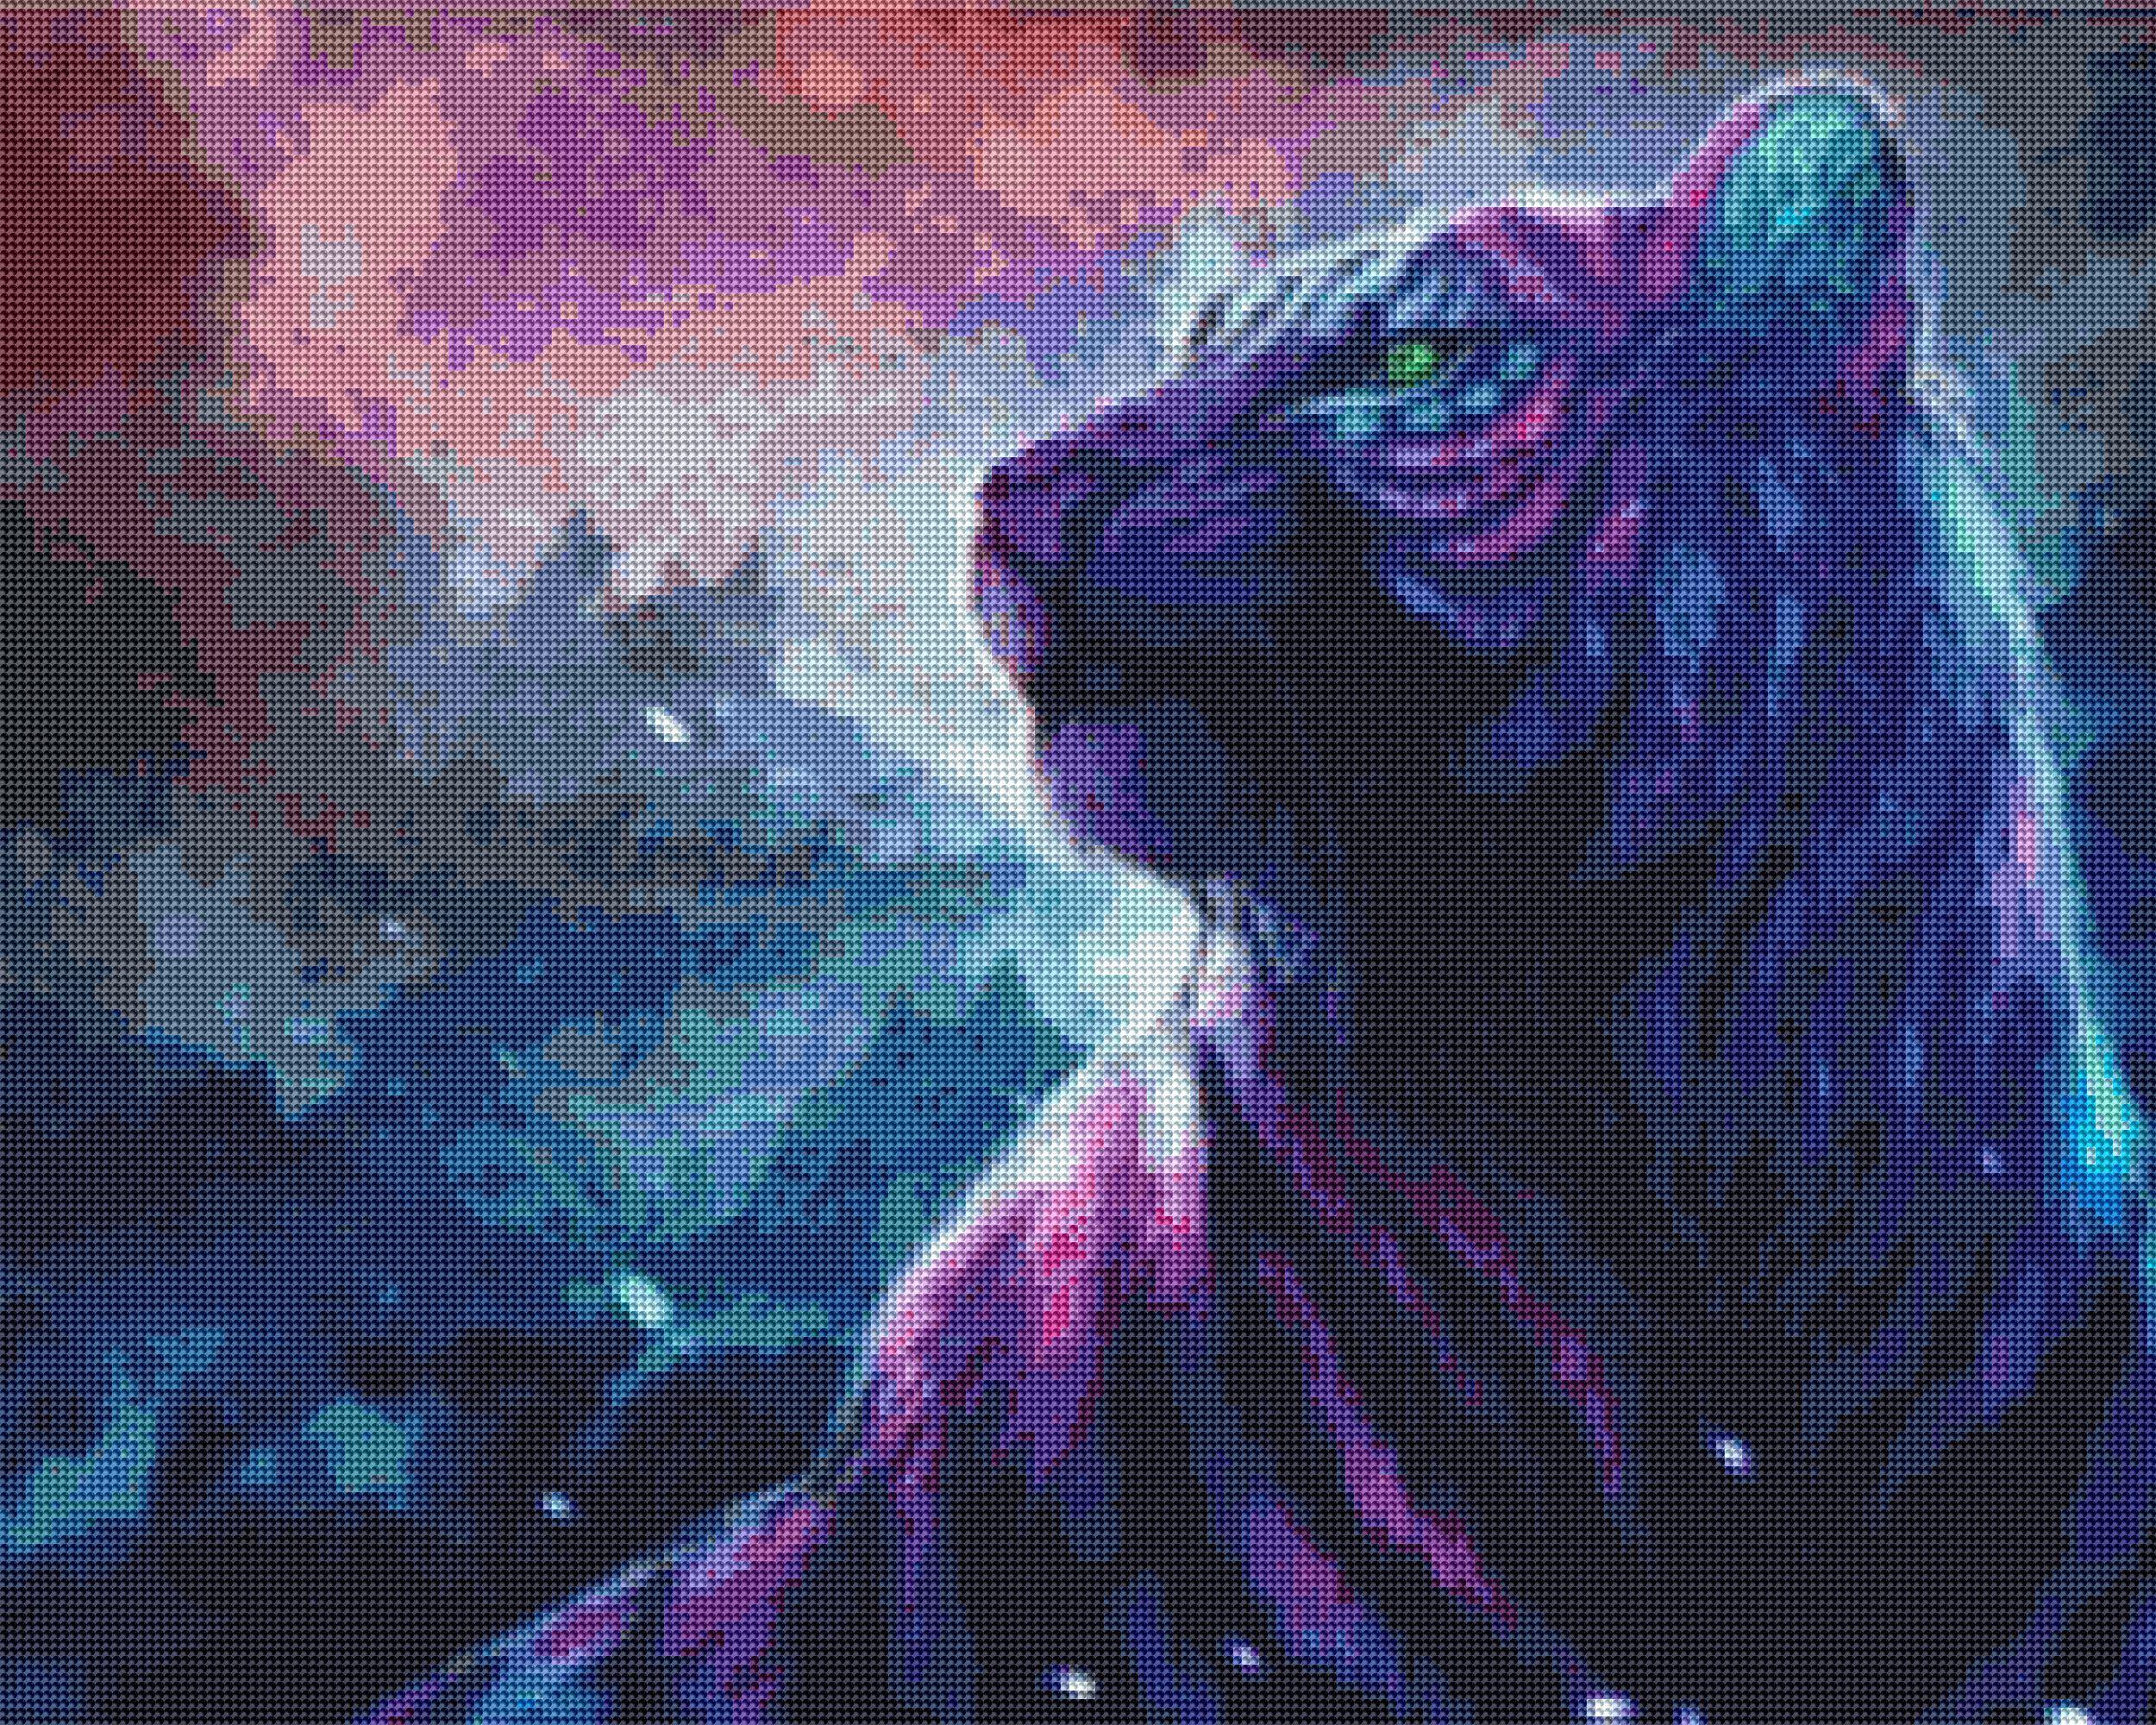 Tigre diy pintura diamante redonda completa dos desenhos animados needlework padrão diamante bordado imagem cheia strass parede pendurado pintura